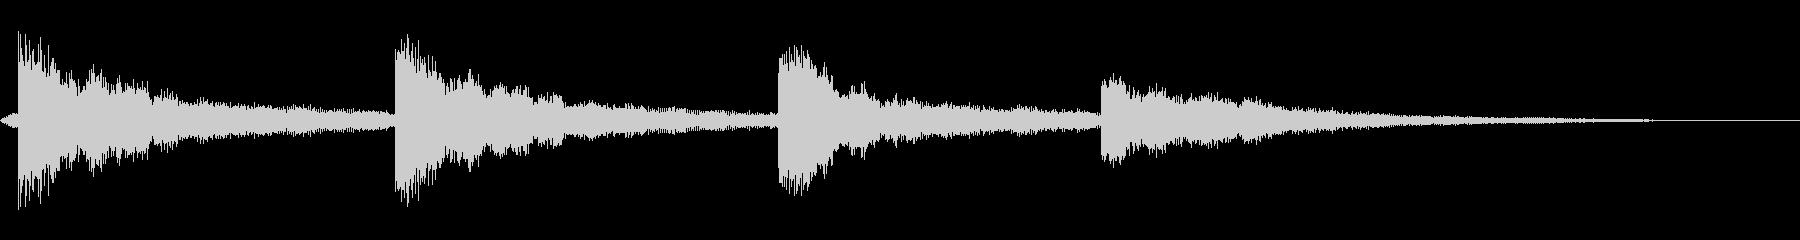 パークチャーチベルトーリングの未再生の波形